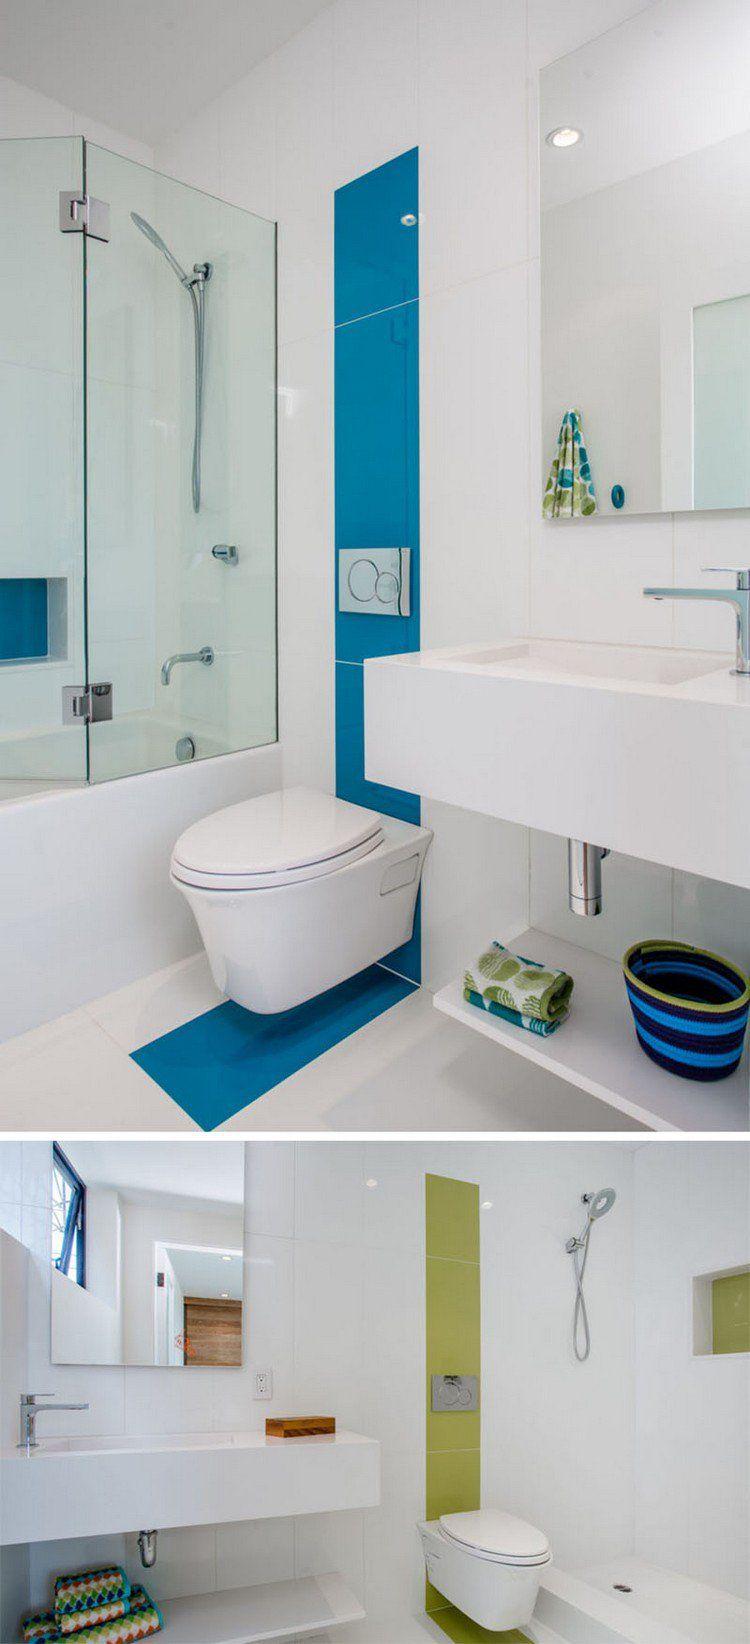 Salle De Bain Mur Douche ~ salle de bains moderne avec carrelage mural en blanc vert et bleu